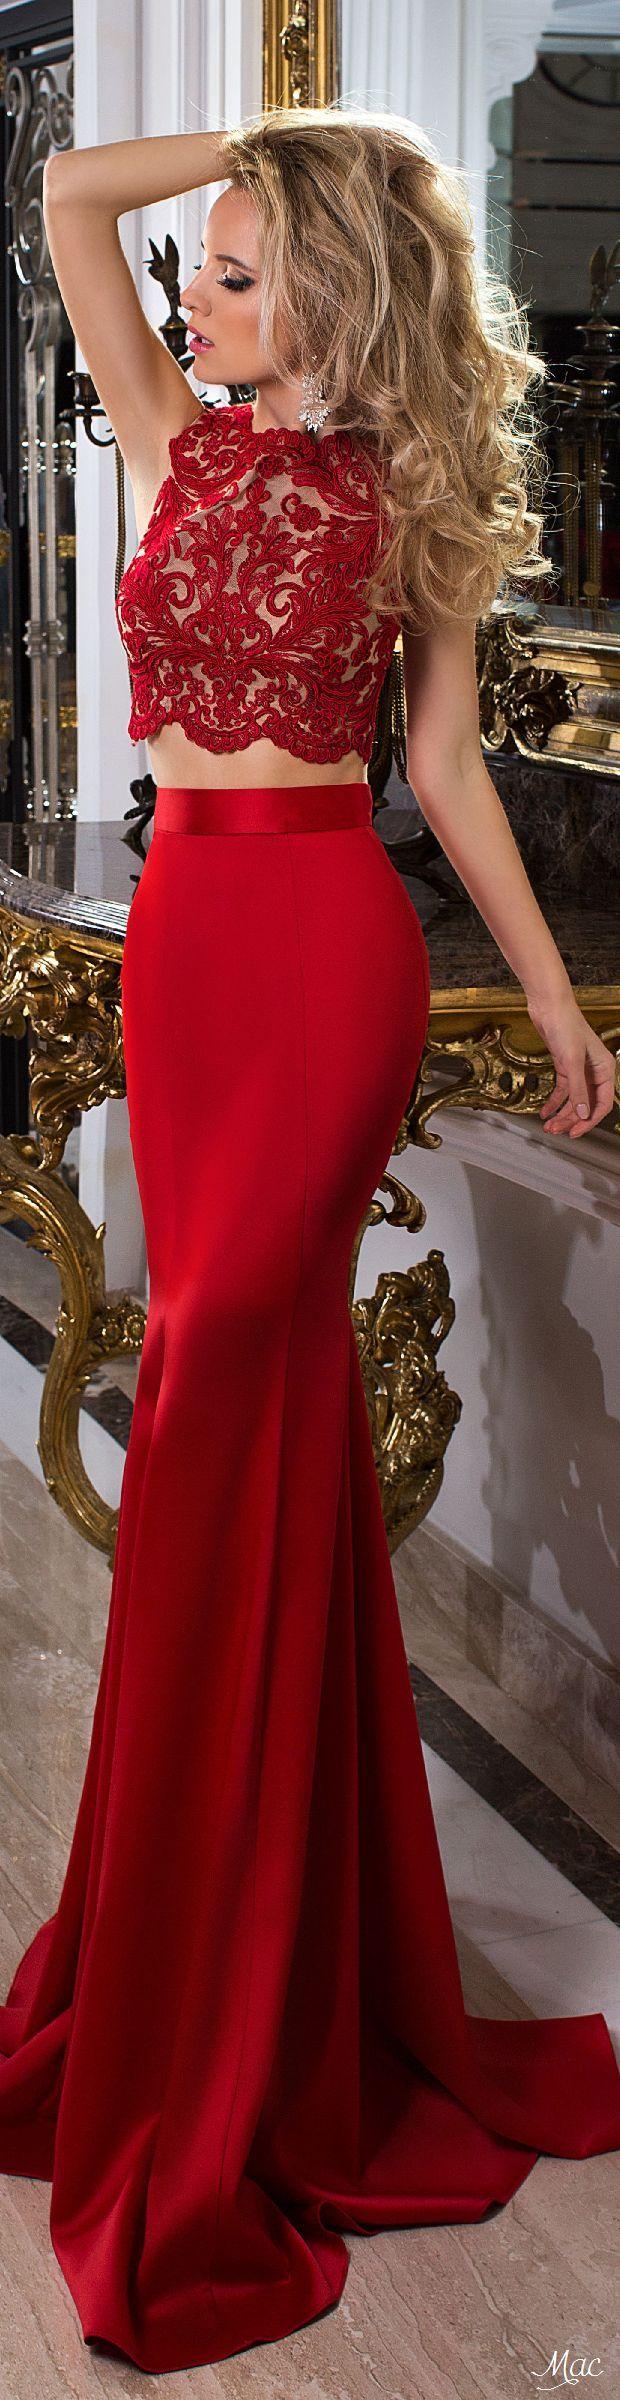 Vestidos de noche rojo 2018